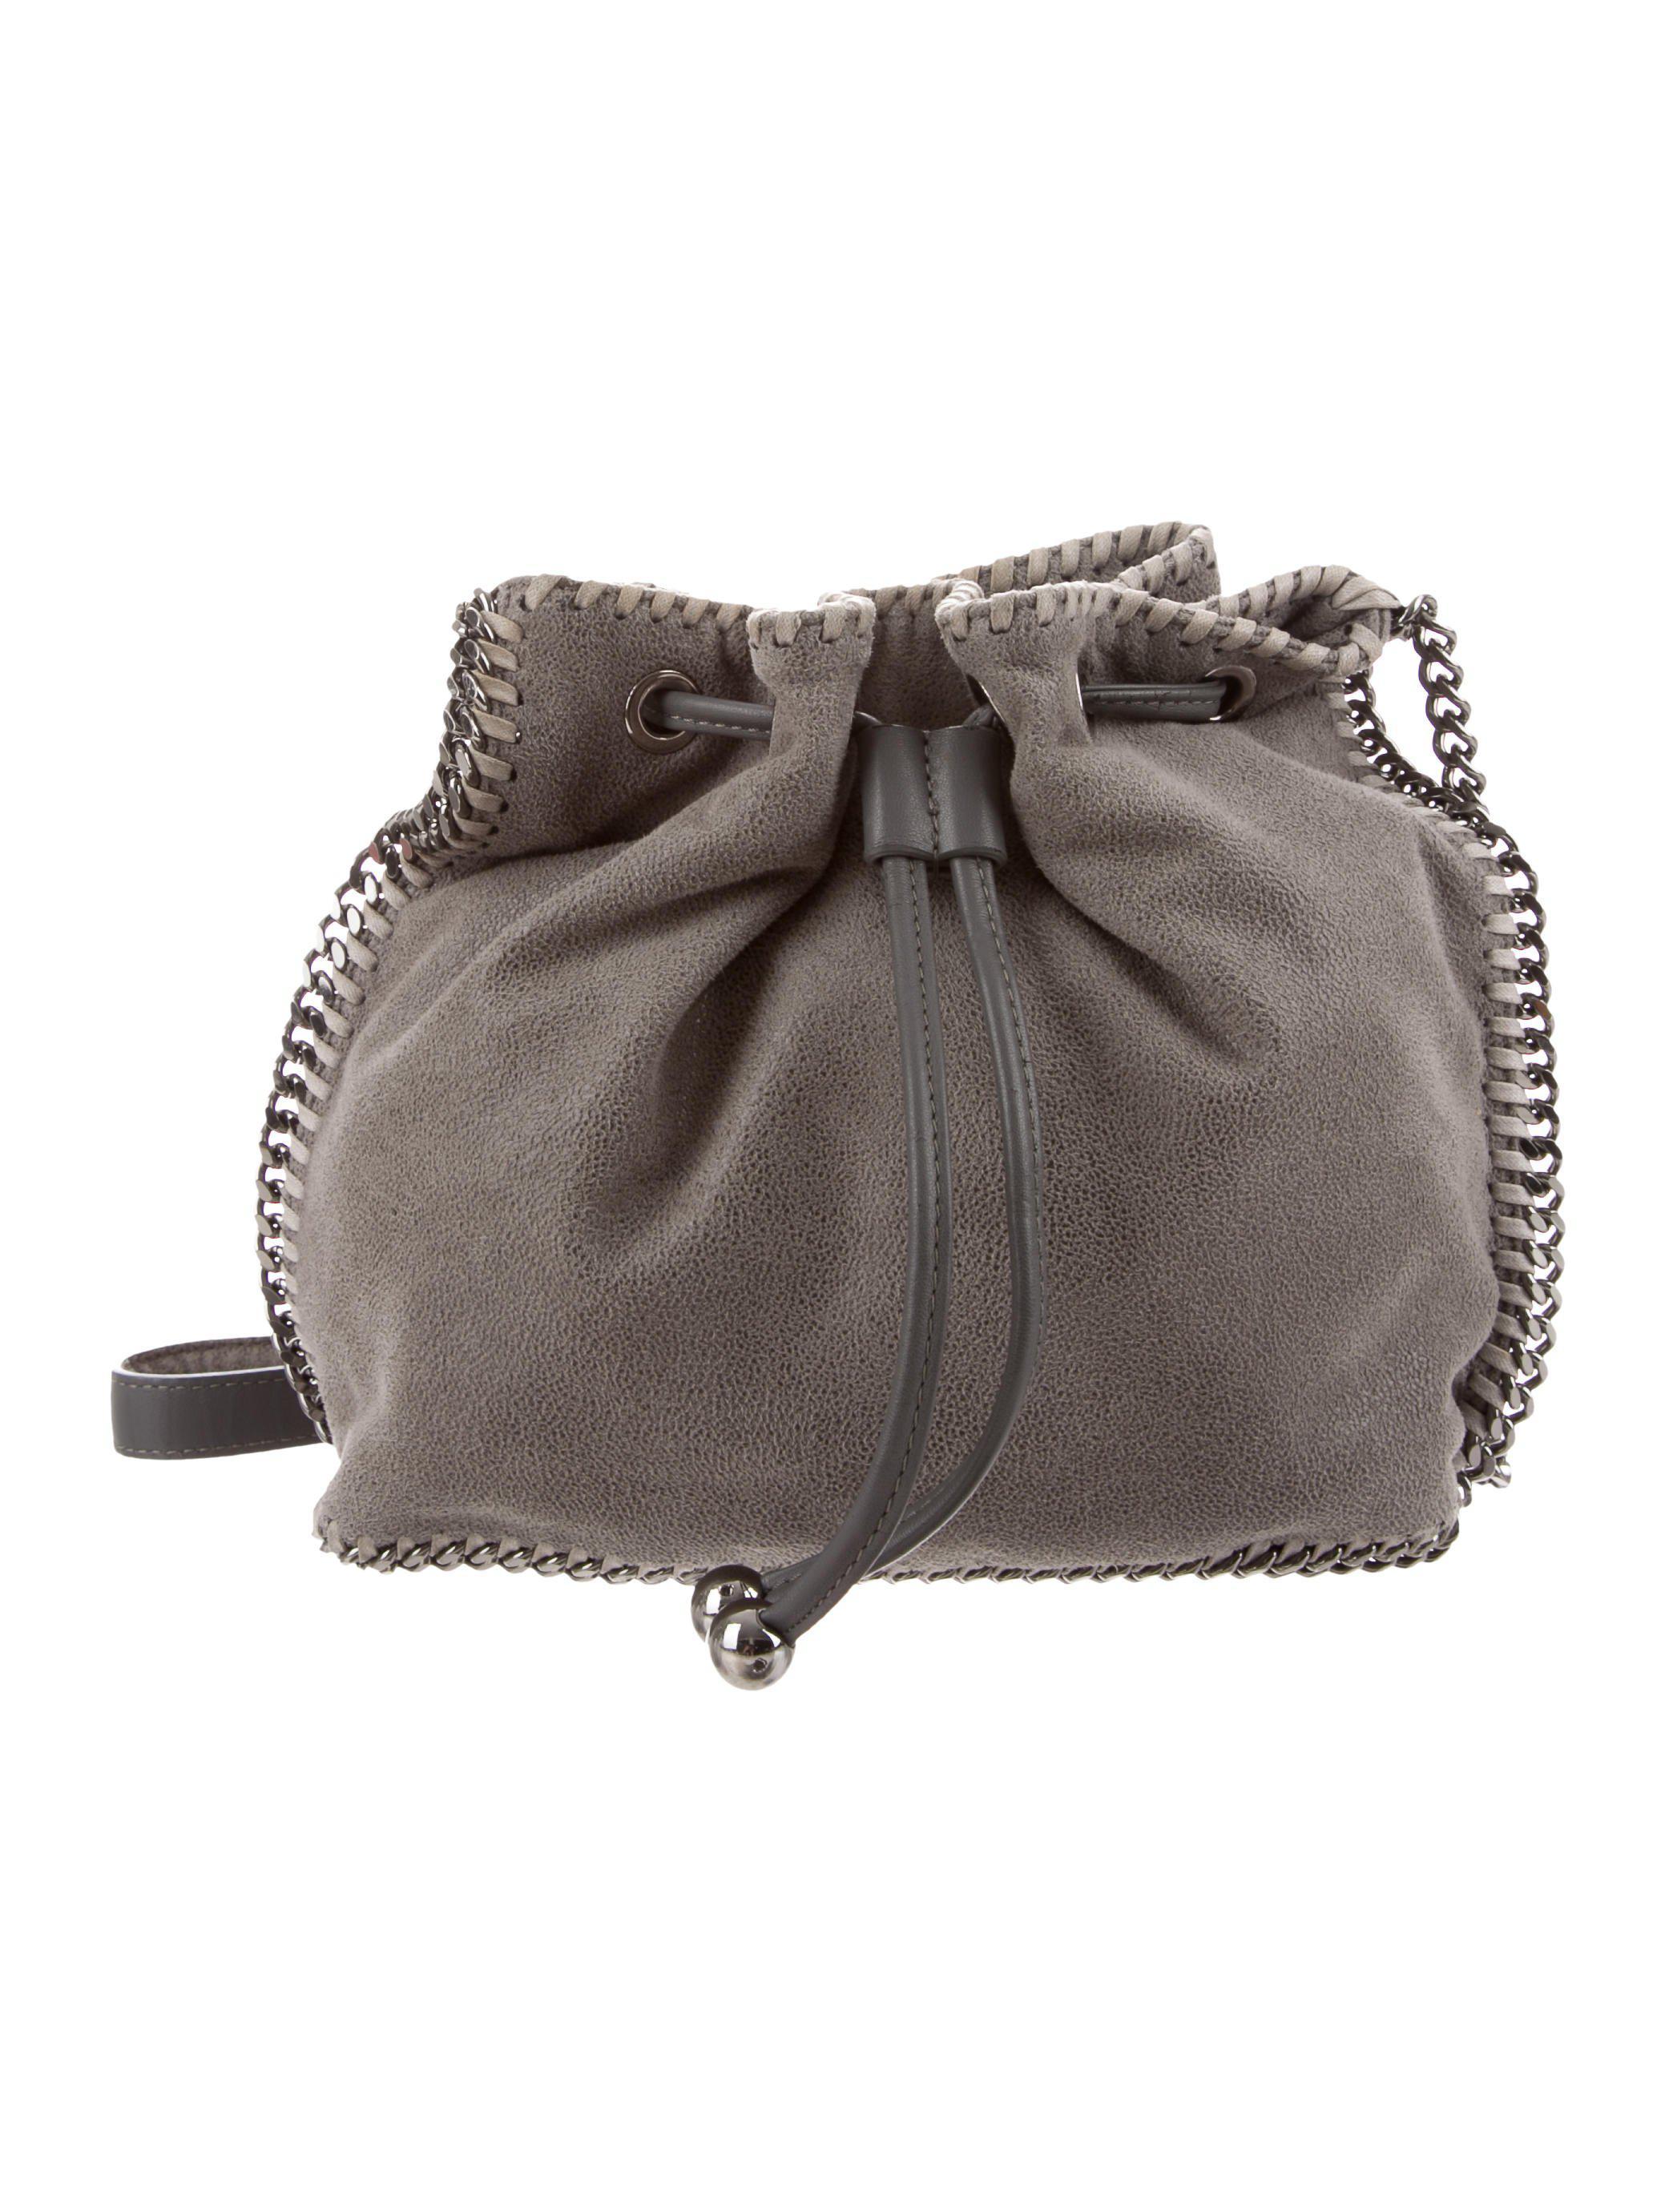 2d0505c8f1a3 Lyst - Stella Mccartney Shaggy Deer Falabella Bucket Bag in Pink